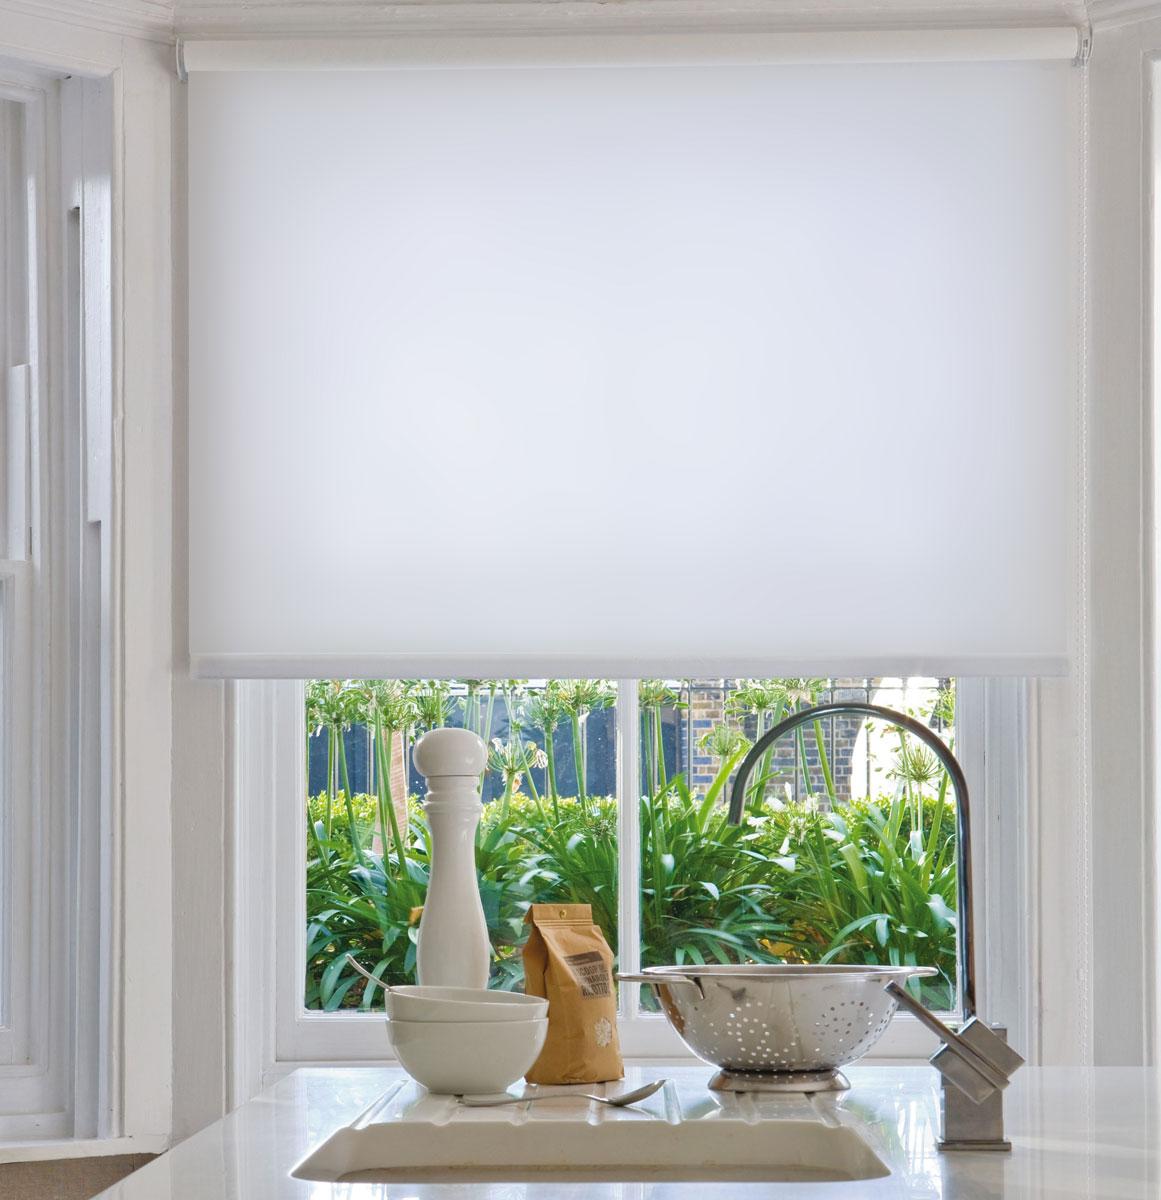 Штора рулонная KauffOrt Миниролло, светонепроницаемая, цвет: белый, ширина 83 см, высота 170 см94083007Рулонная штора KauffOrt Миниролло выполнена из высокопрочной полностью светонепроницаемой ткани белого цвета, которая сохраняет свой размер даже при намокании. Ткань не выцветает и обладает отличной цветоустойчивостью. Миниролло - это подвид рулонных штор, который закрывает не весь оконный проем, а непосредственно само стекло. Такие шторы крепятся на раму без сверления при помощи зажимов или клейкой двухсторонней ленты. Окно остаётся на гарантии, благодаря монтажу без сверления. Такая штора станет прекрасным элементом декора окна и гармонично впишется в интерьер любого помещения.